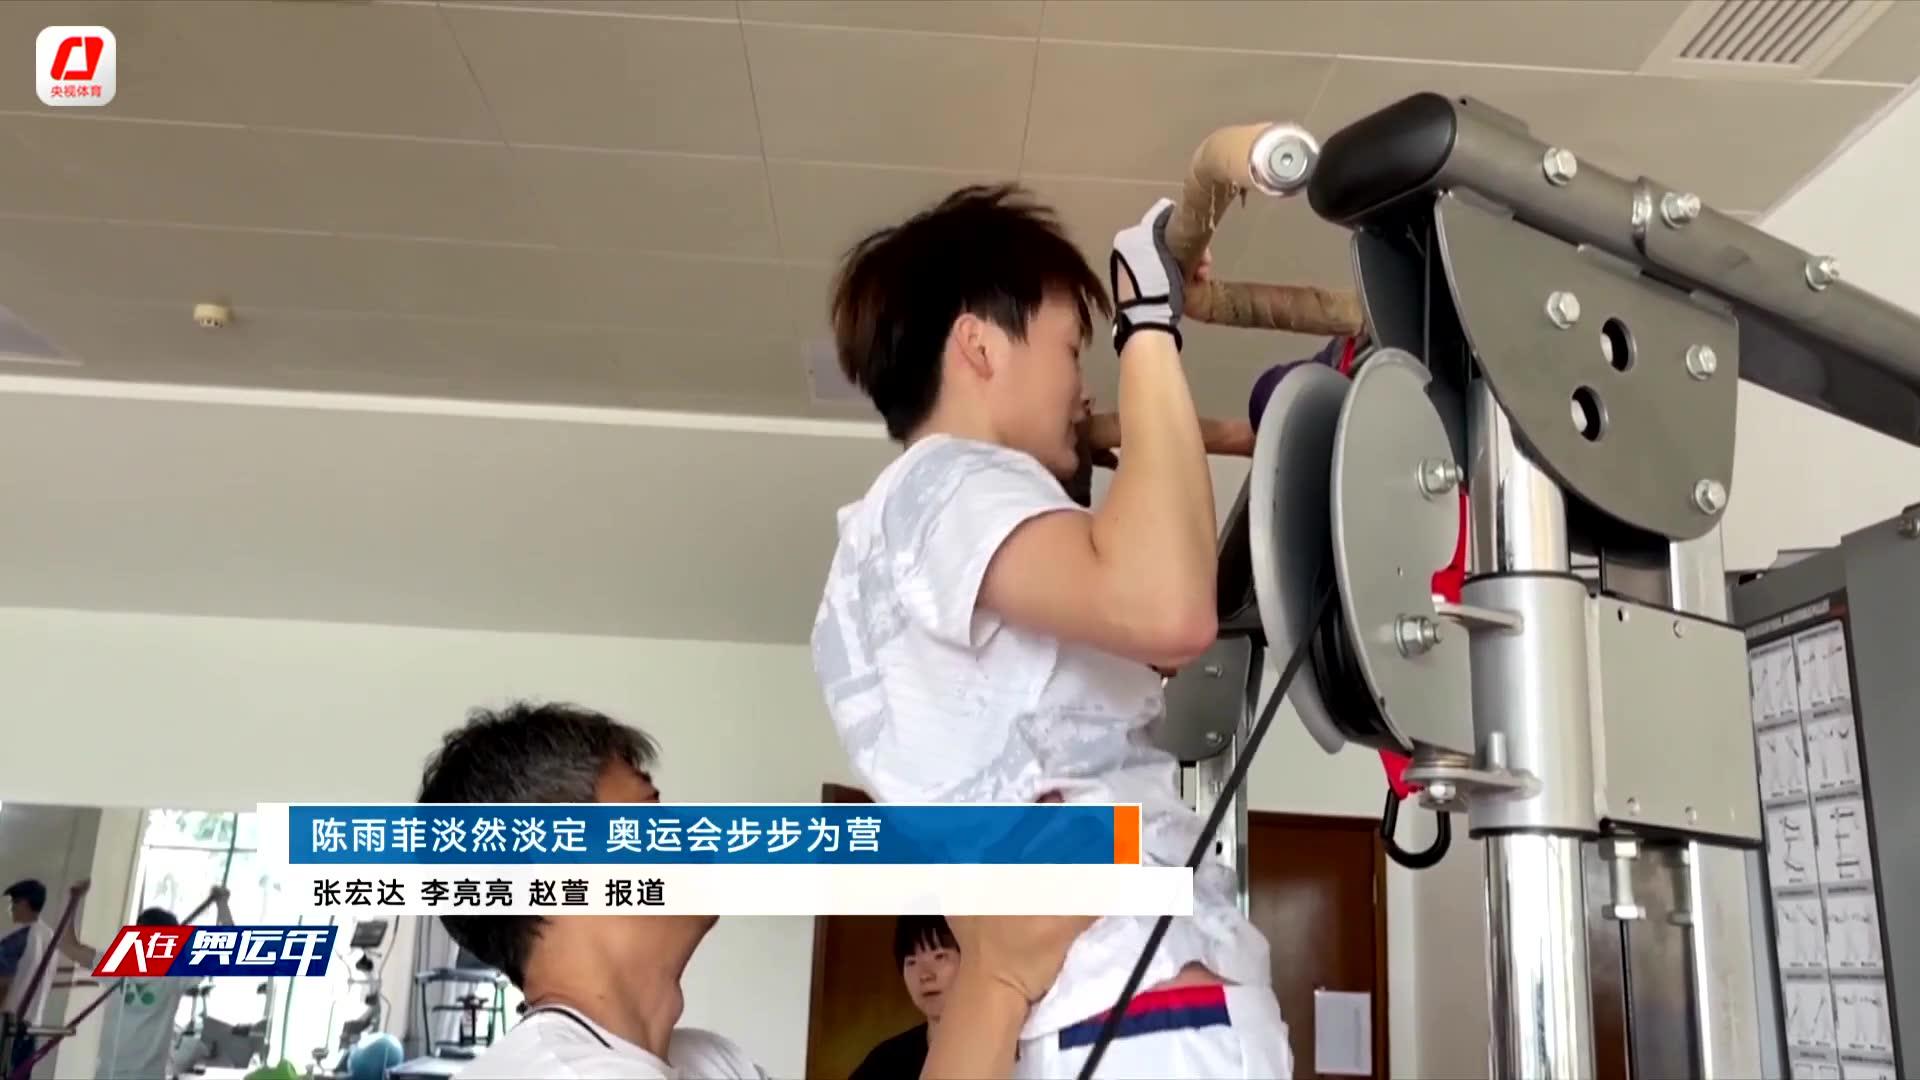 人在奥运年之陈雨菲:希望给大家传递永不放弃的精神